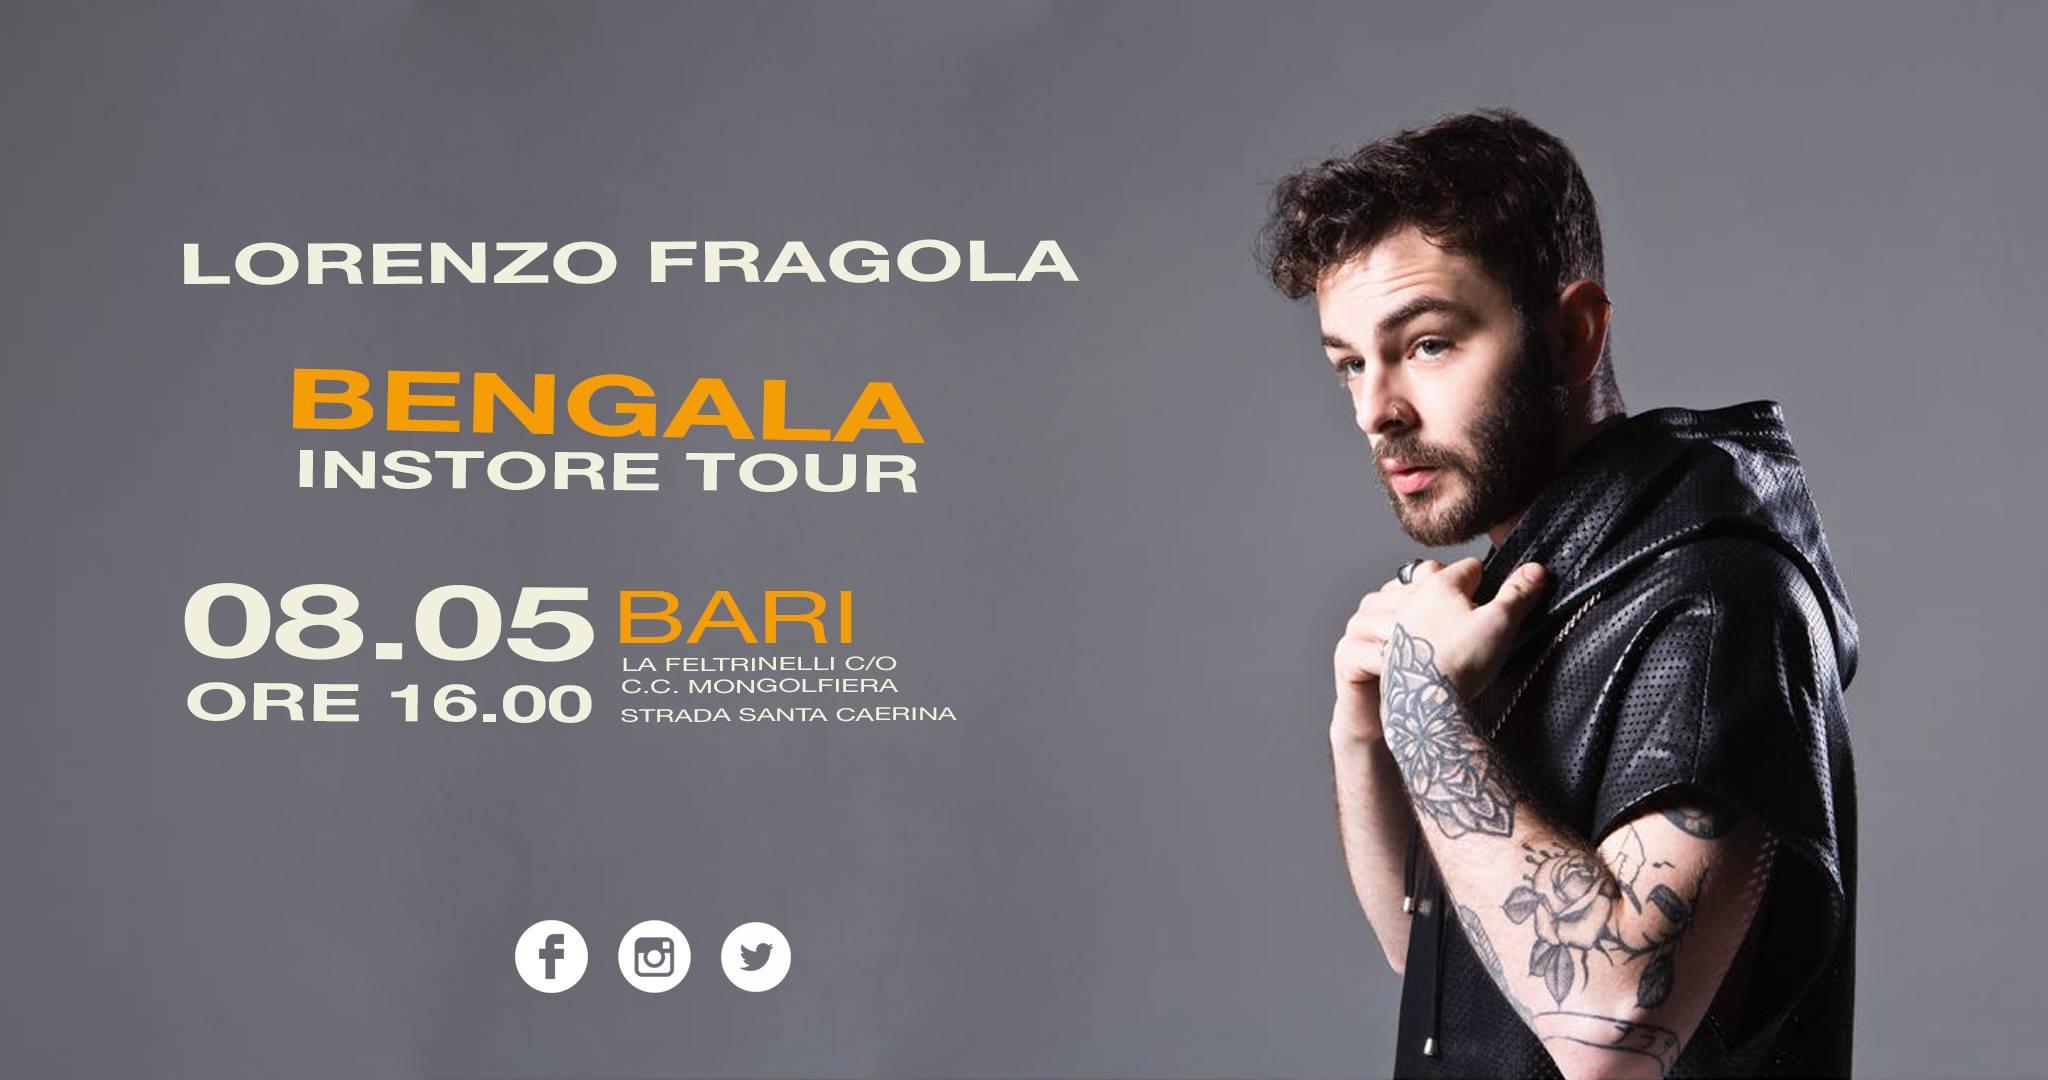 LORENZO FRAGOLA BENGALA INSTORE TOUR 2018 firmacopie